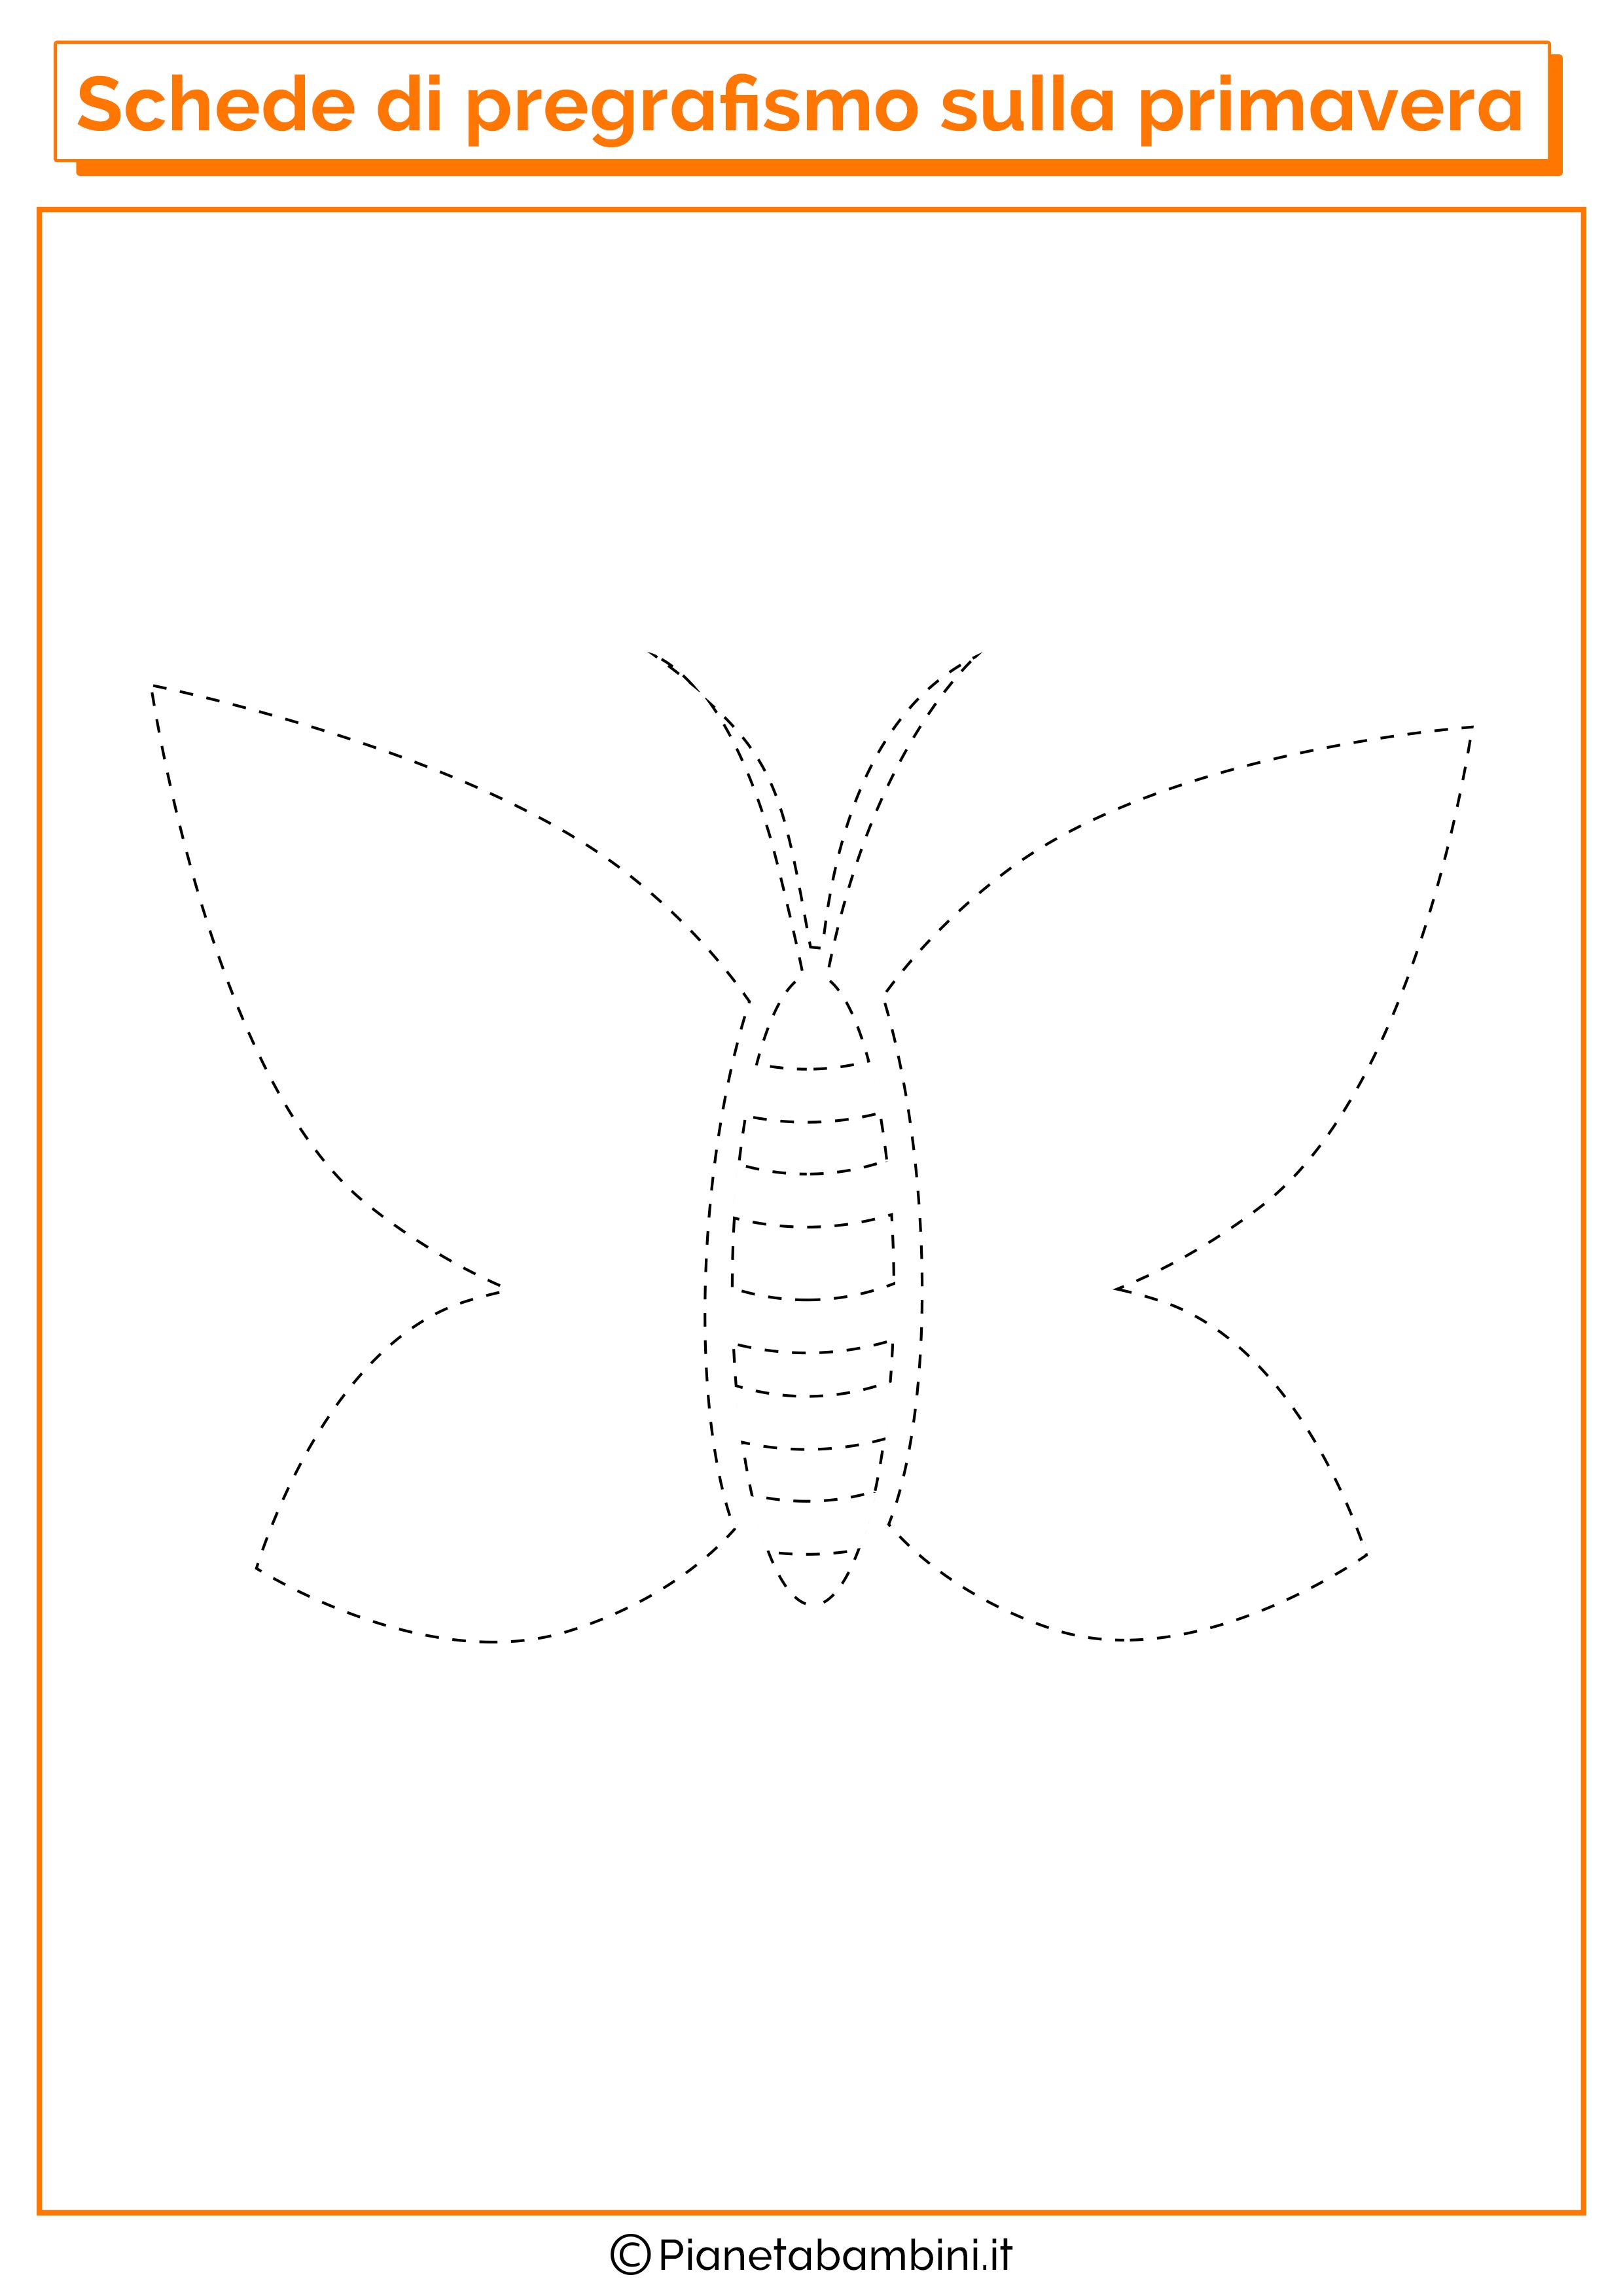 Pregrafismo-Primavera-Farfalla-3